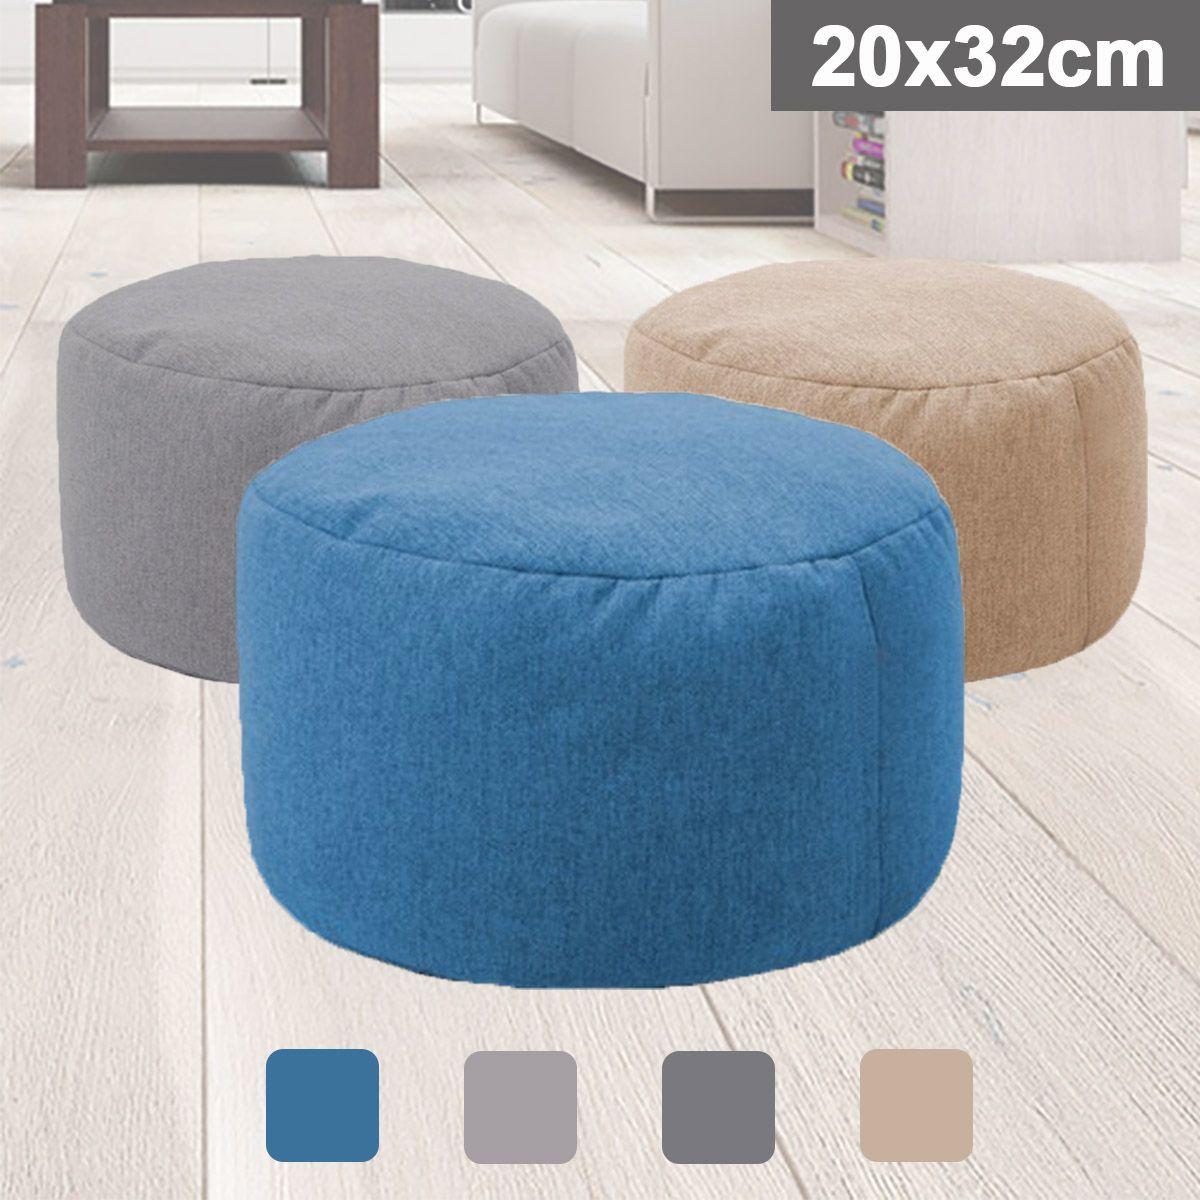 Kleiner runder Sitzsack Sofa Abdeckung Wasserdichte Gaming-Bett Stuhl-Sitz Sitzsack Solid Color Lounger Chair Sofa Baumwolle Leinen Stuhl Cove